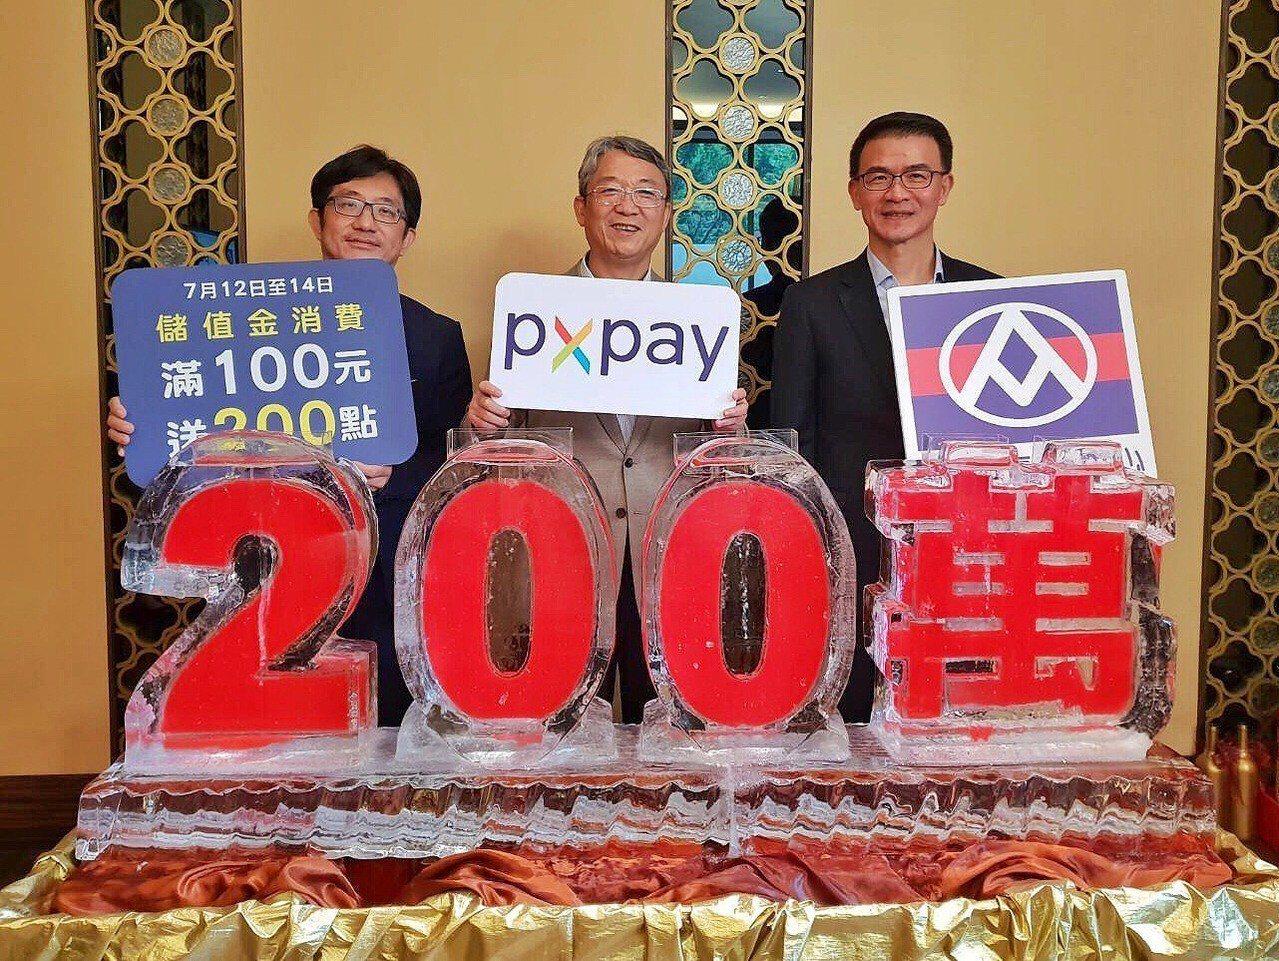 全聯今(11)日宣布PX Pay下載數已經突破200萬次,等於自5月24上線後,...